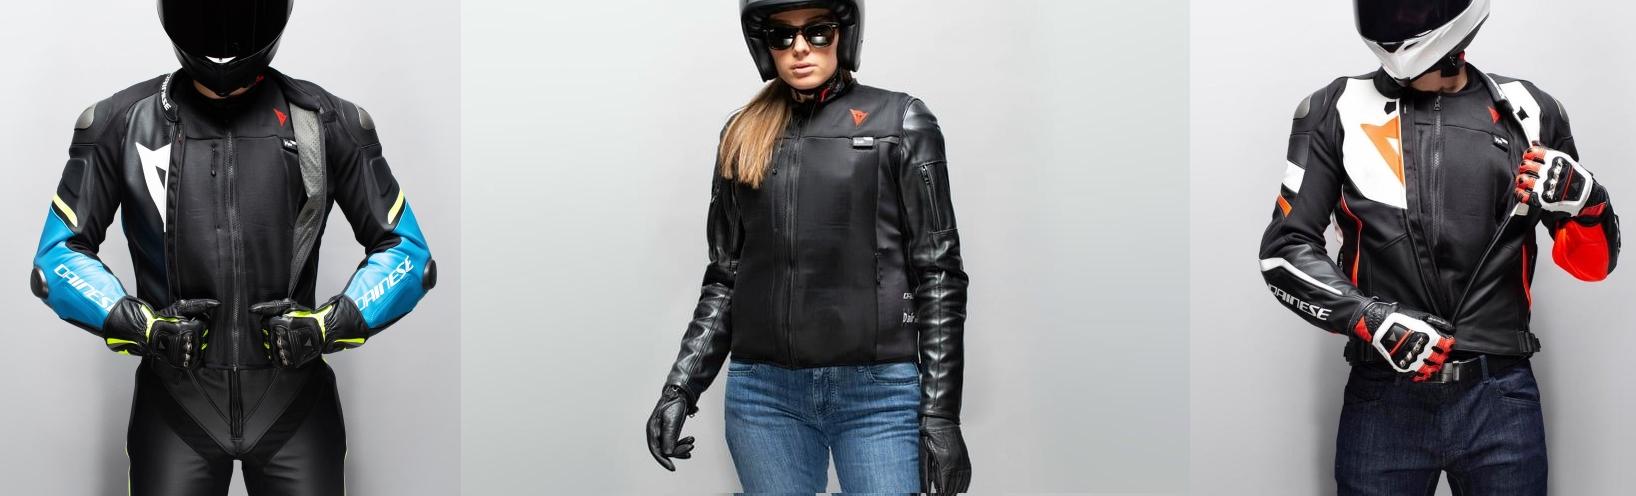 Dainese Smart Jacket - умный Airbag для всех_2